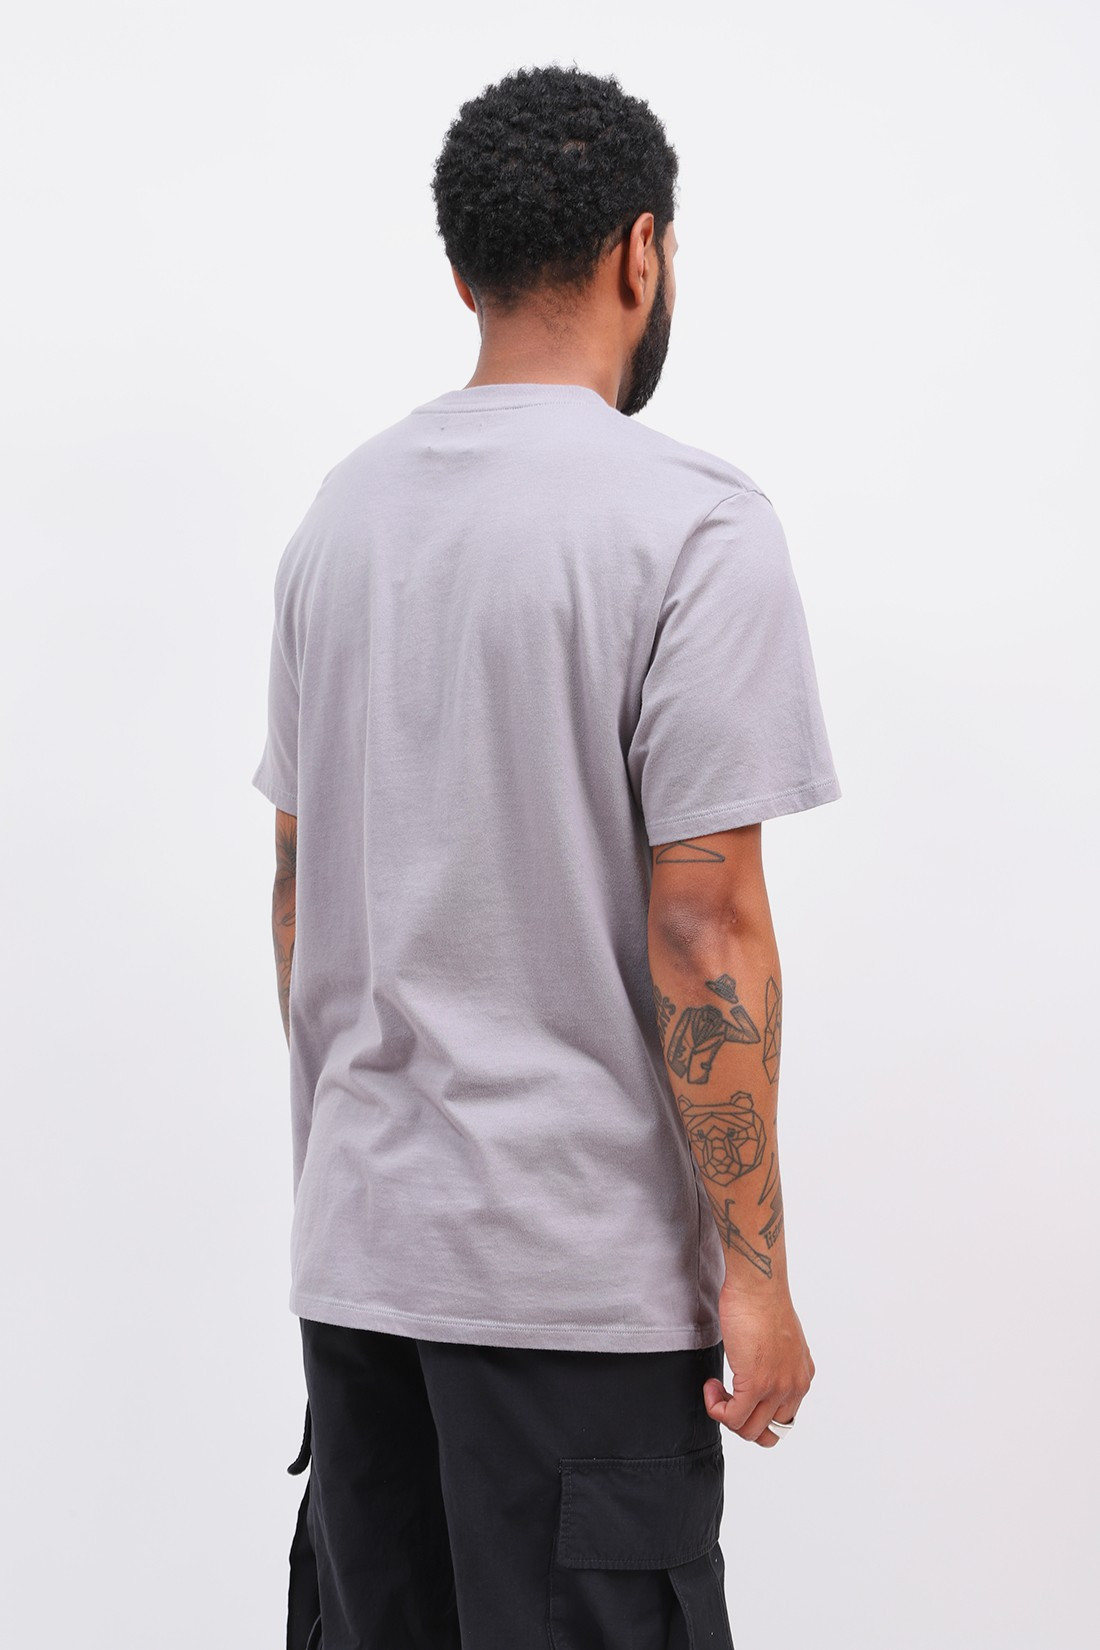 EDWIN / Japanese sun tee shirt Frost grey